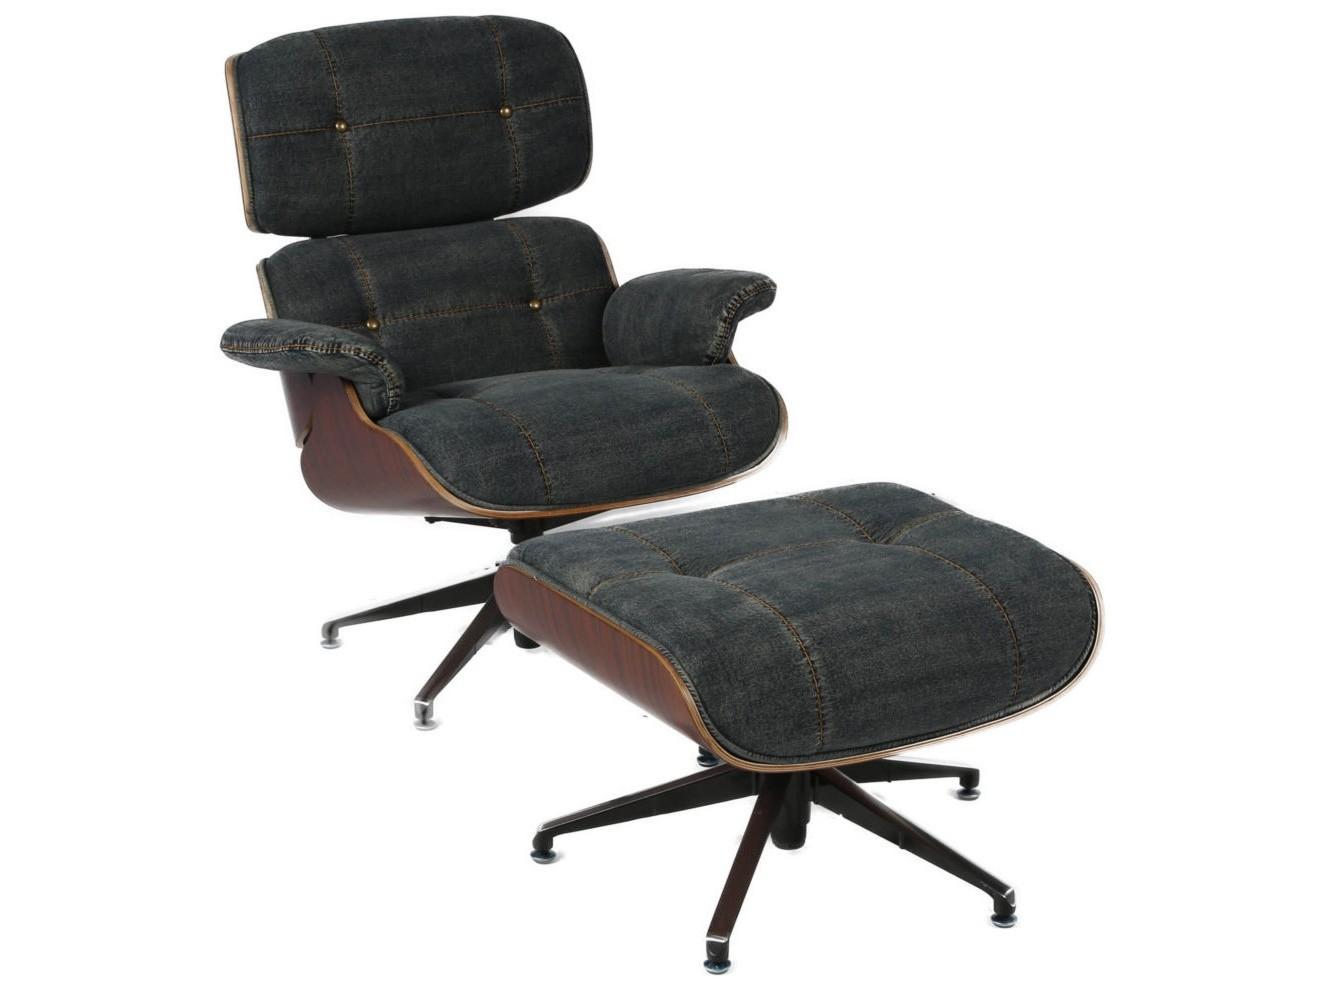 Кресло+пуфРабочие кресла<br><br><br>Material: Джинса<br>Width см: 82<br>Depth см: 87<br>Height см: 91